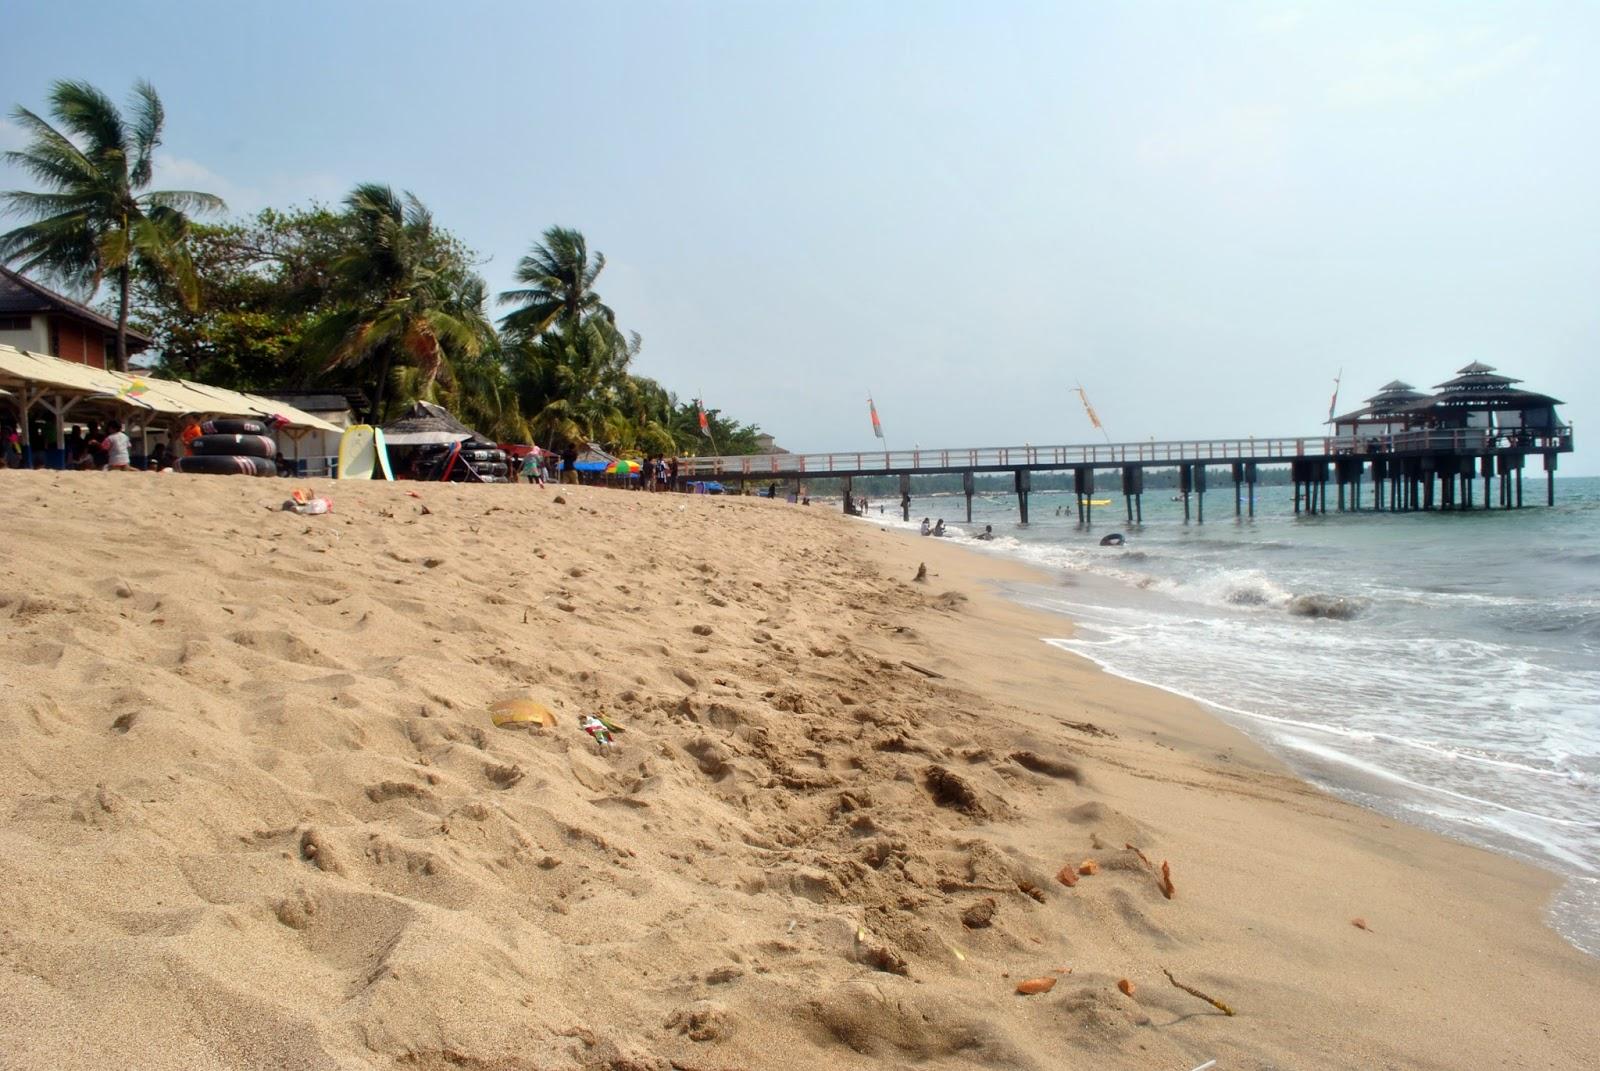 Liburan Super Anyer Mencoba Keseruan Wisata Pantai Sambolo Image Source